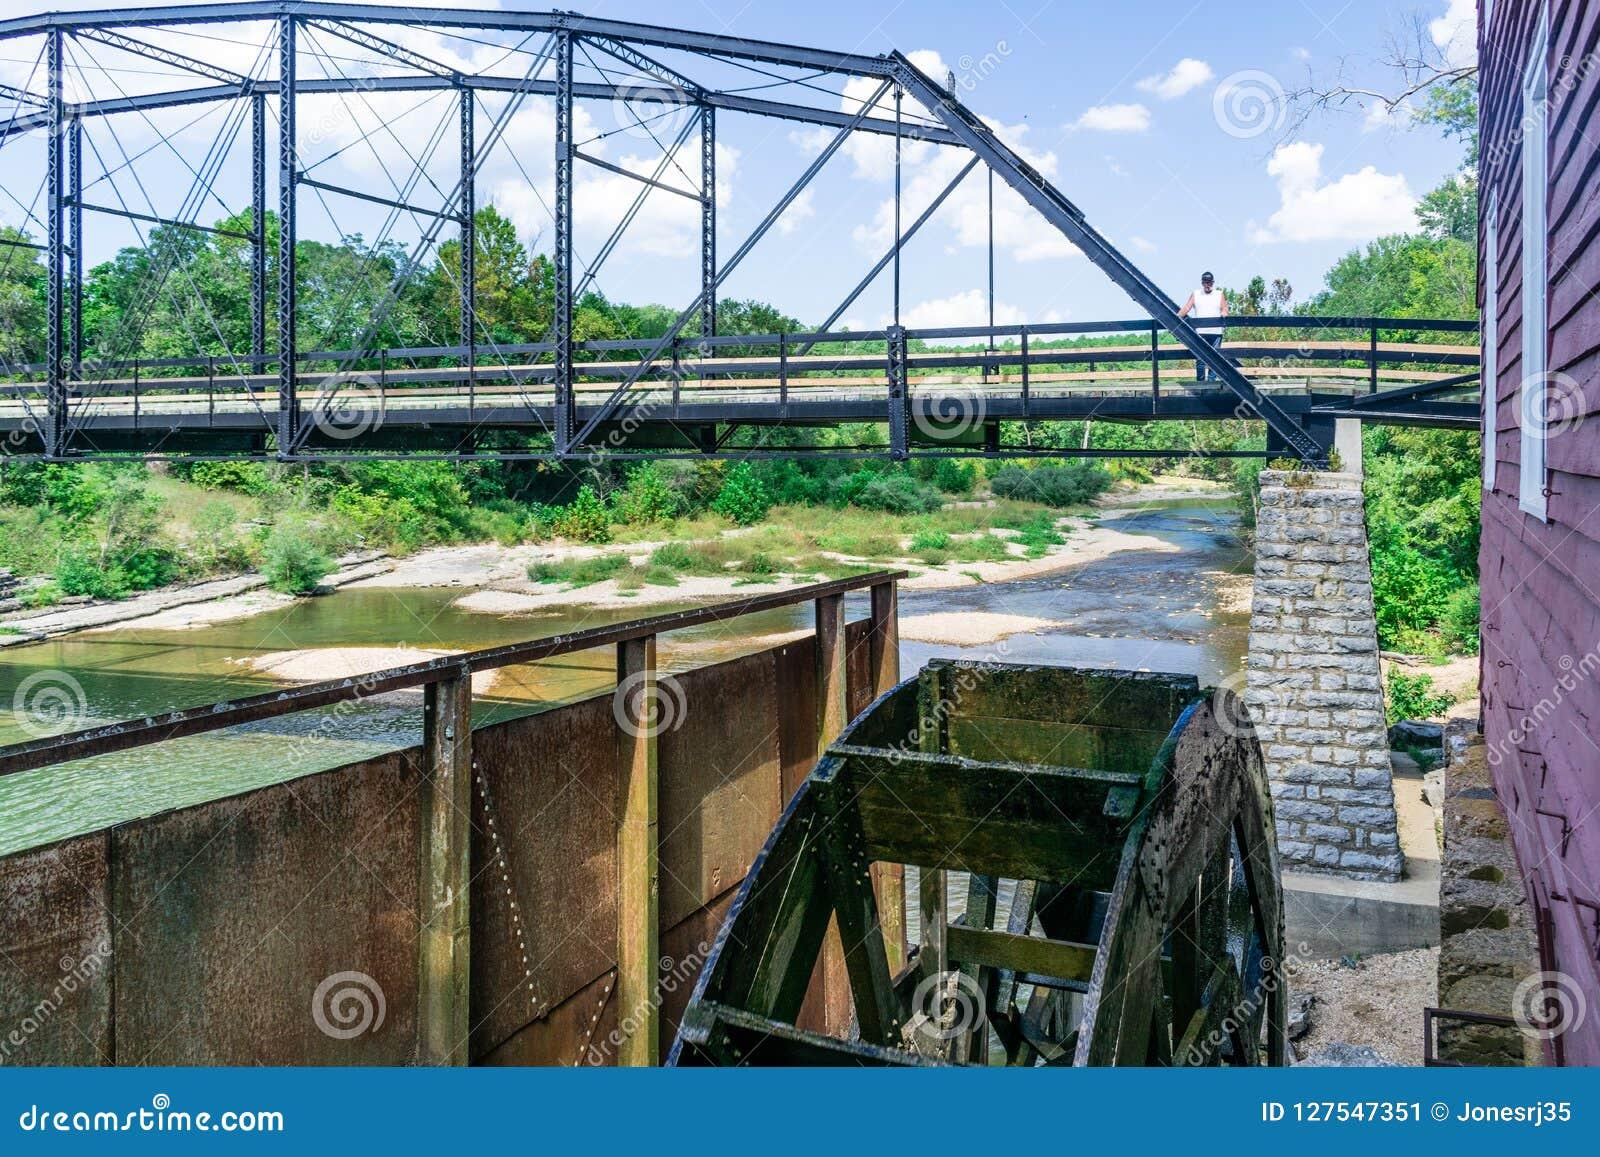 Stehend auf dem historischen Krieg Eagle Bridge in Rogers, kann Arkansas man das Arbeitswasserrad sehen, das durch den Krieg Eagl